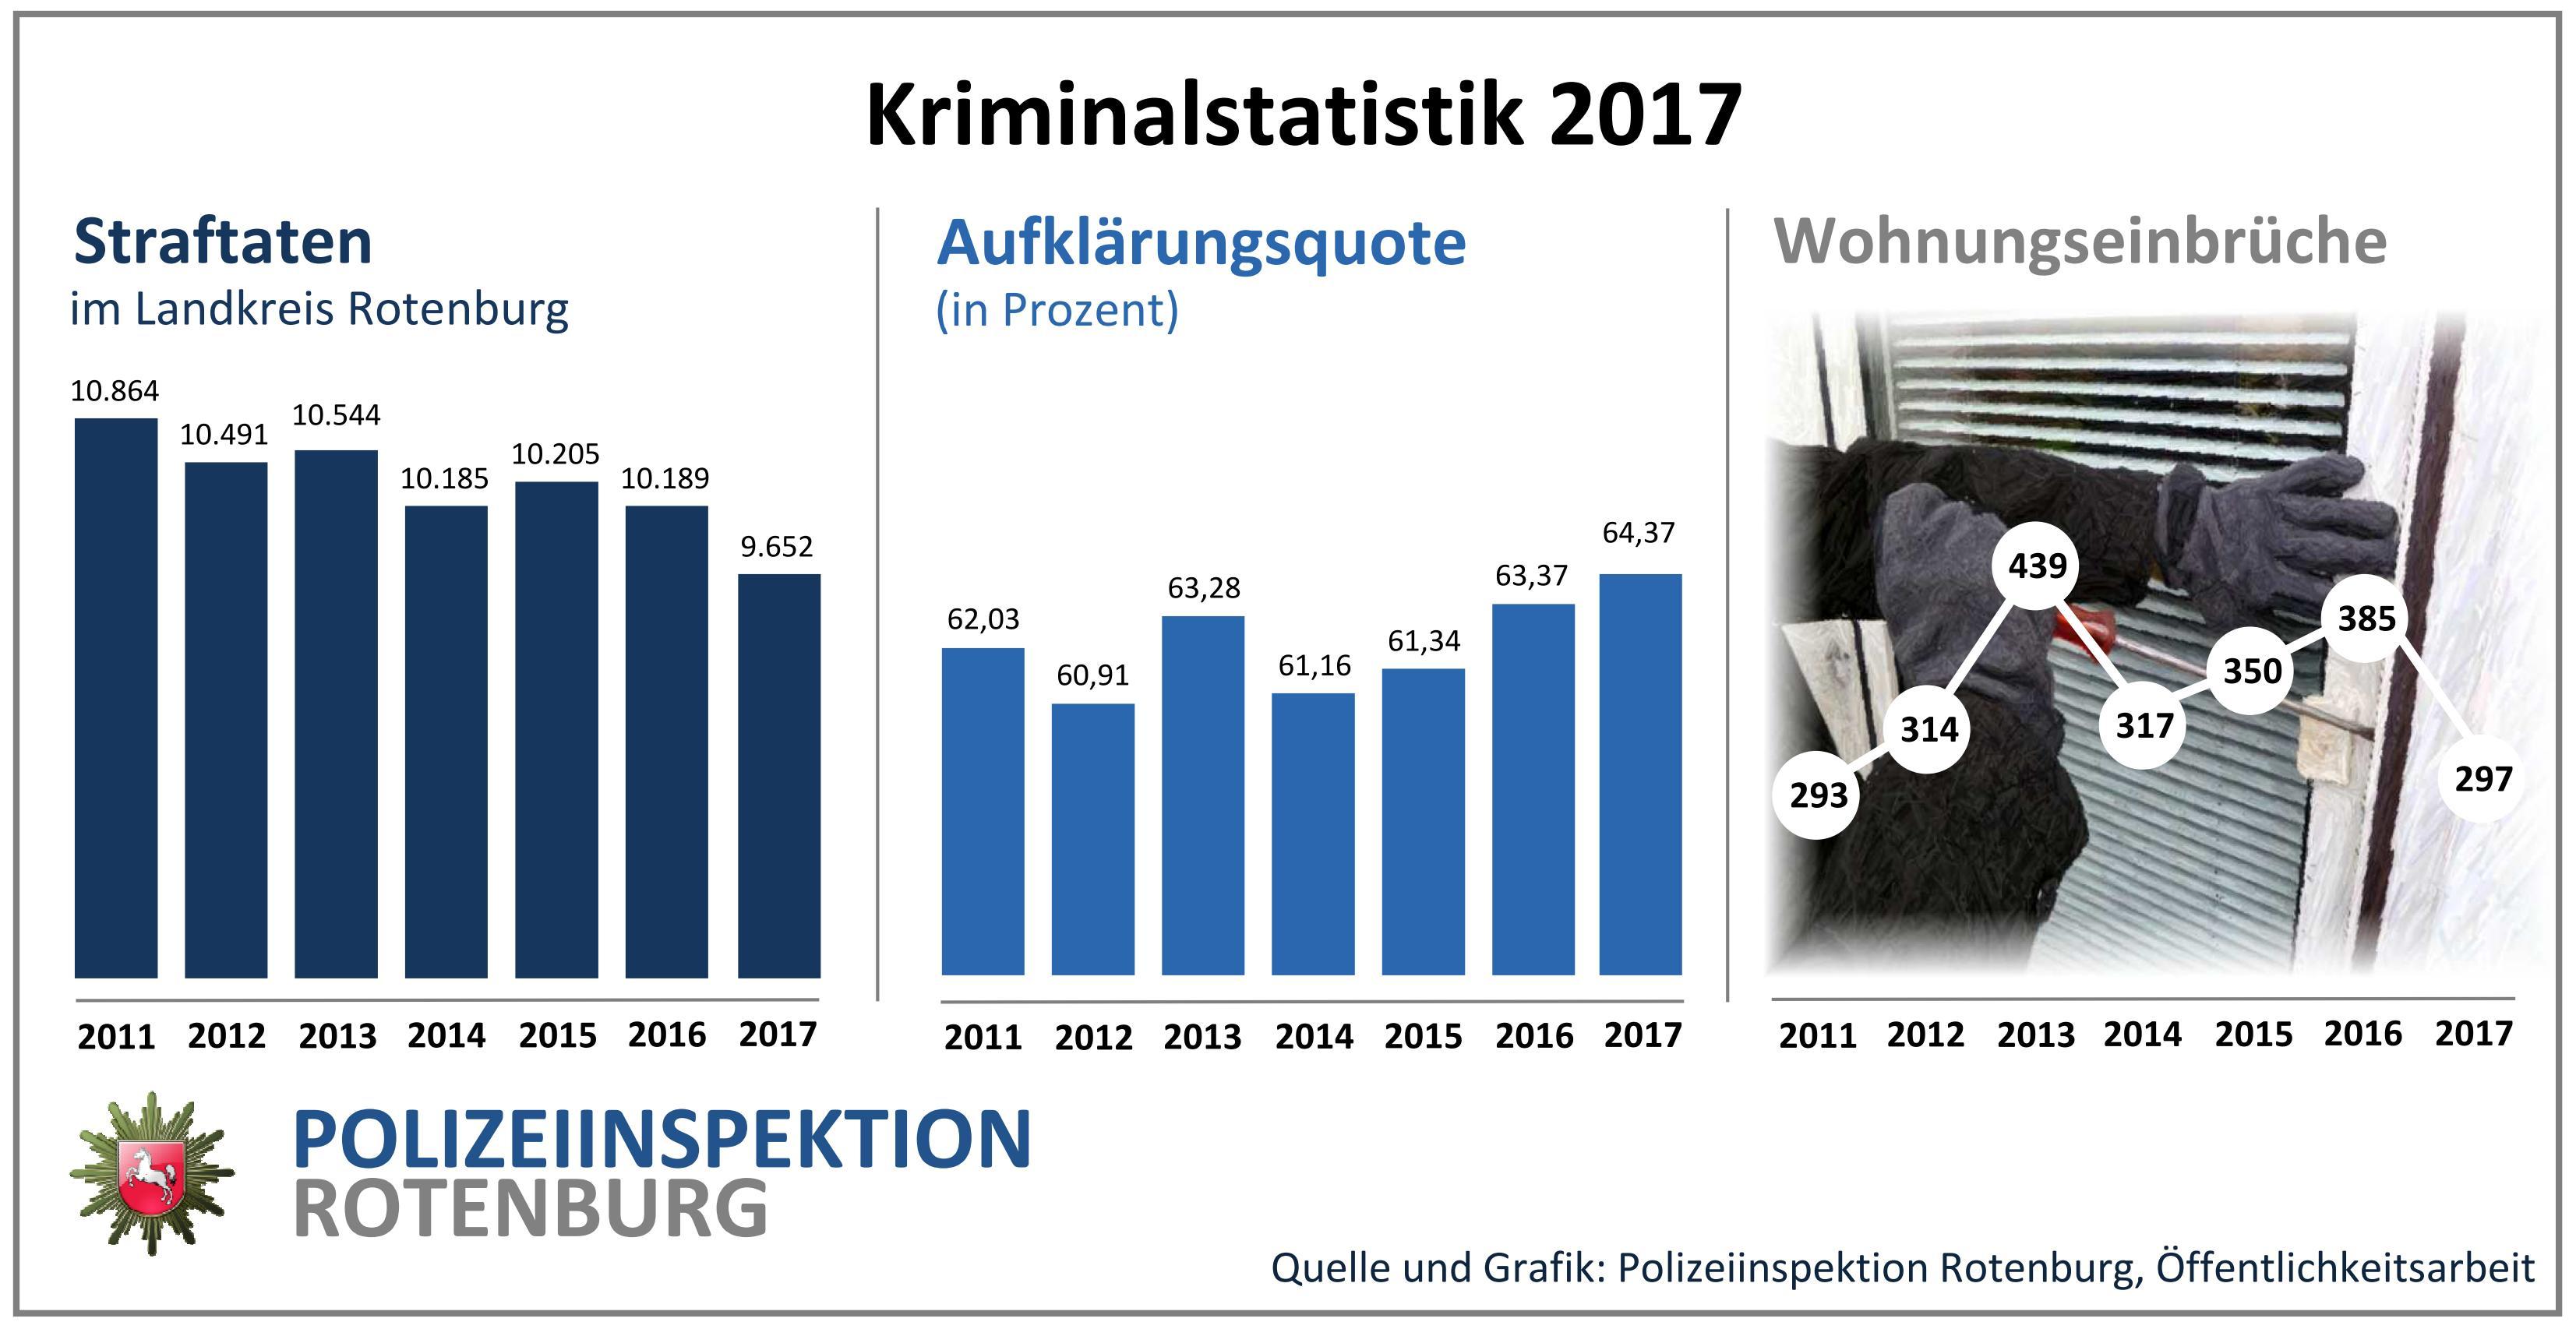 Bildergebnis für weniger Straftaten in 2017